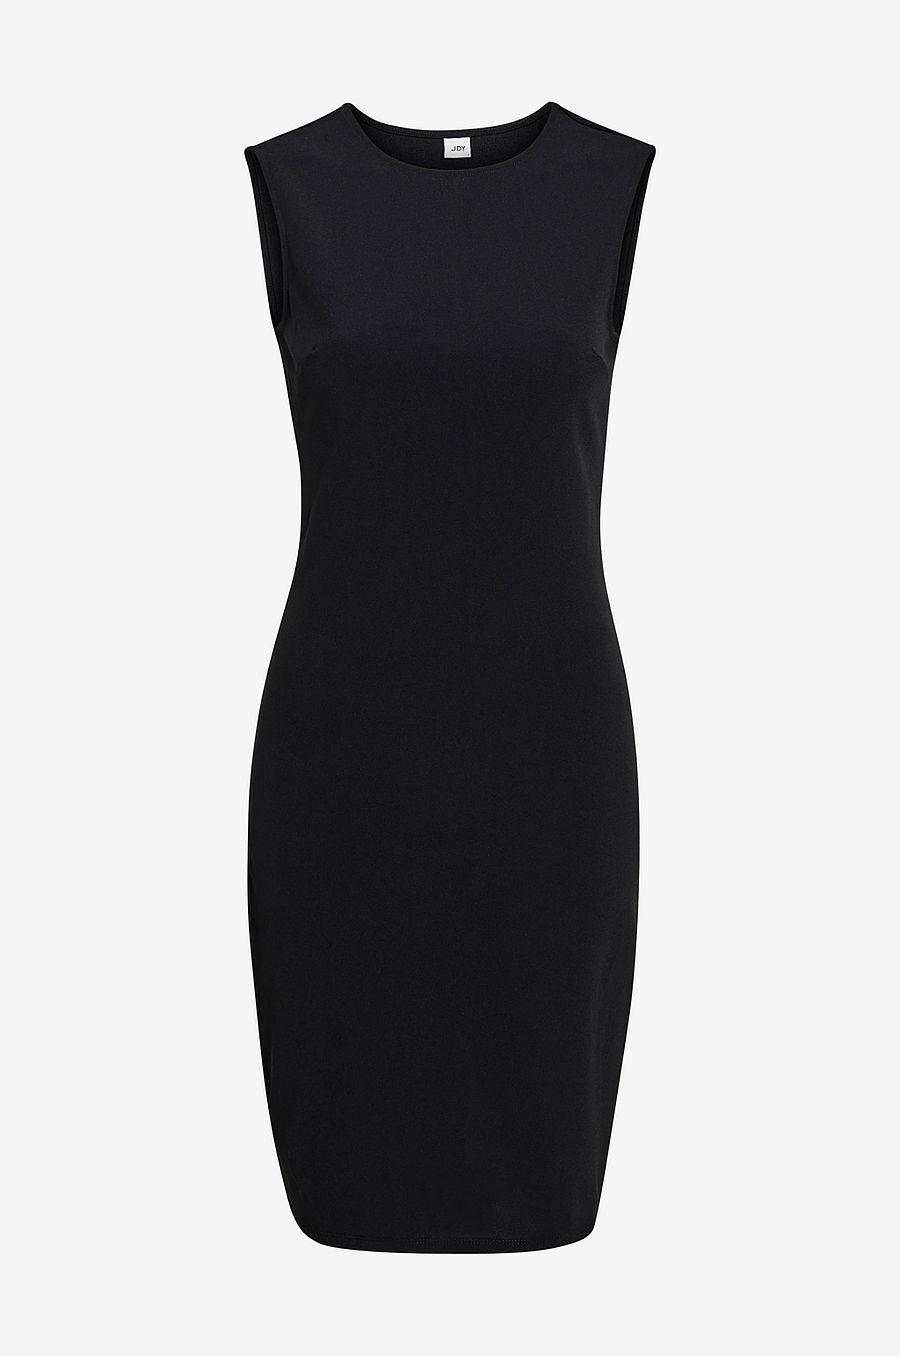 Klanning Jdyvanda S L Dress Mode Klanningar Modell